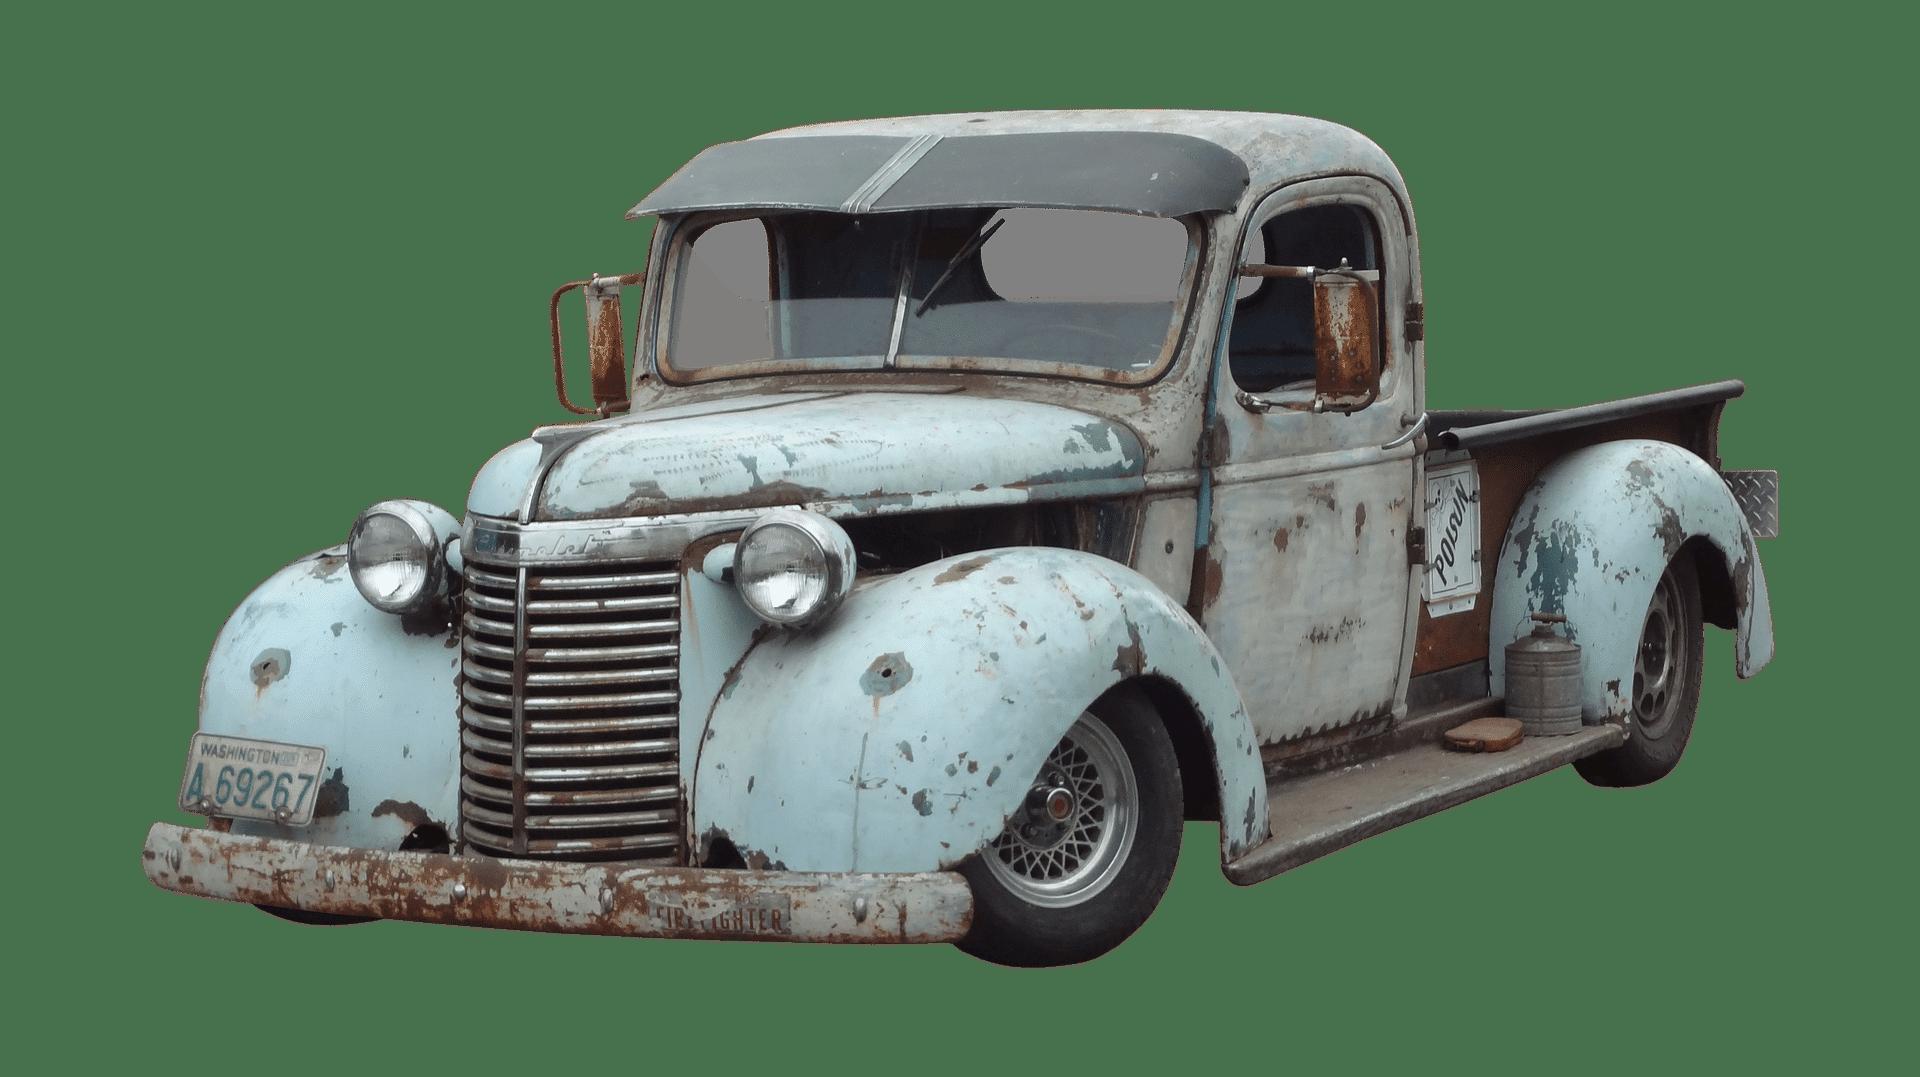 Comprar coche Consejos para ahorrar; imagen de un coche viejo